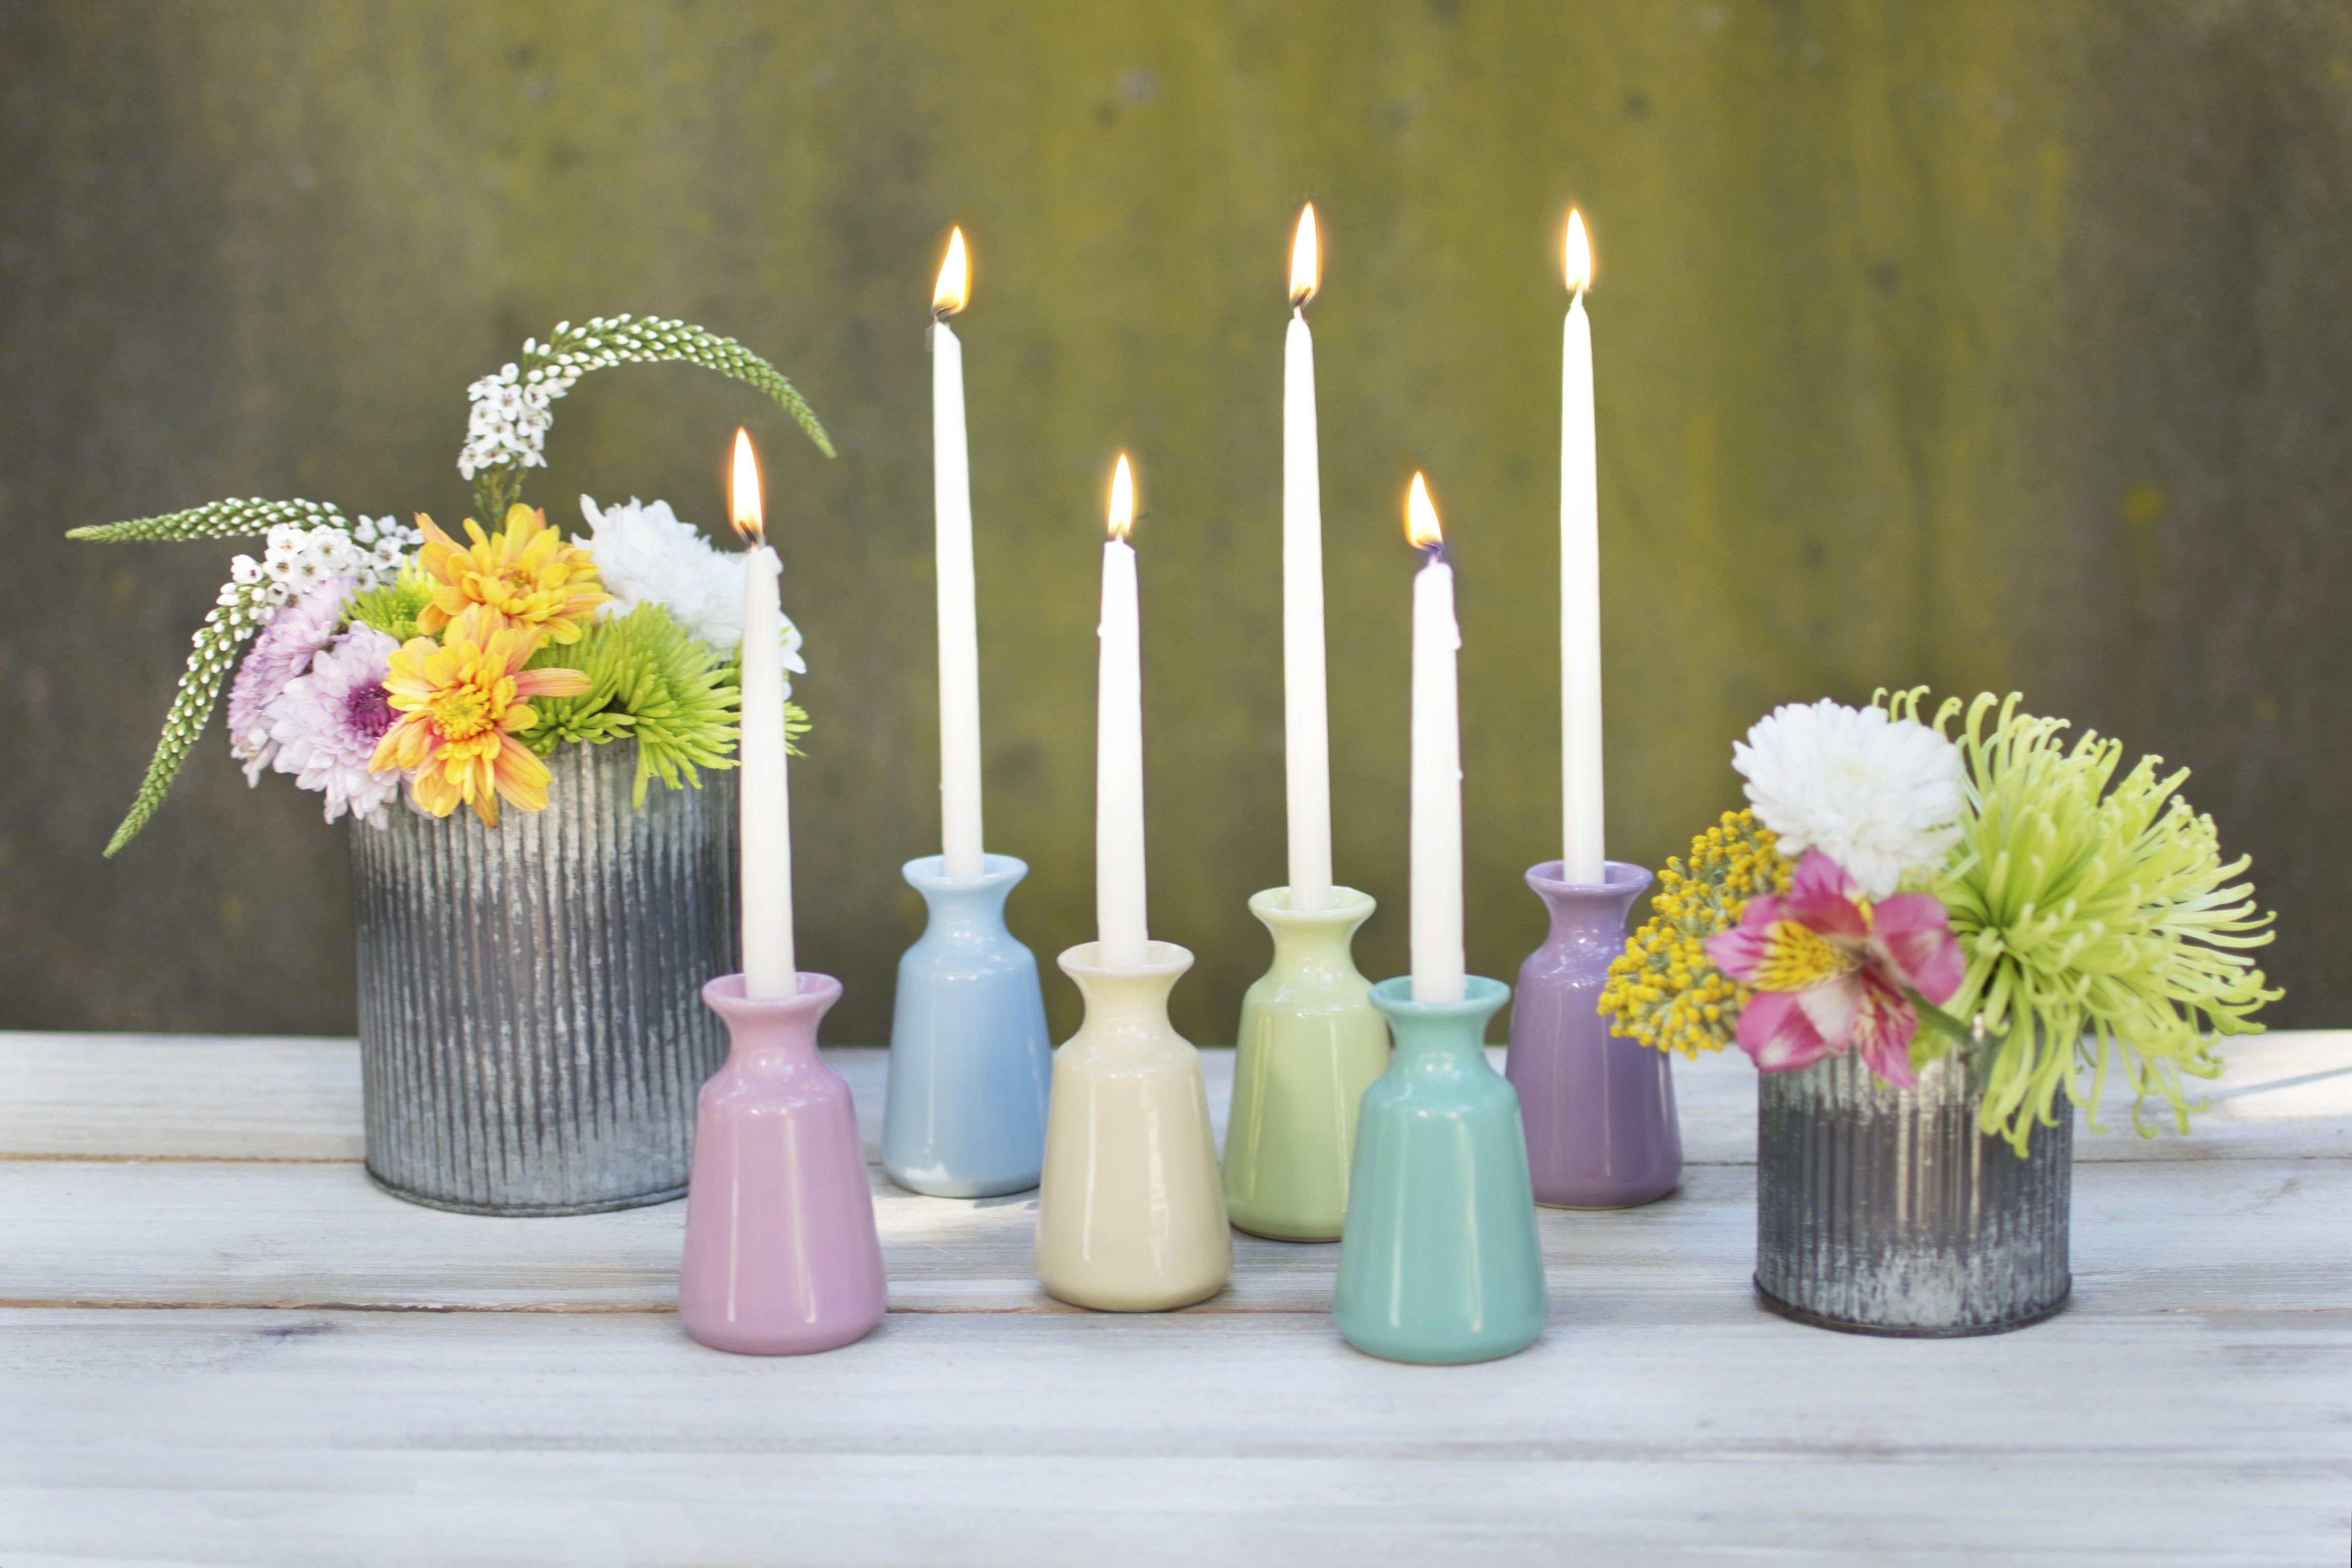 tall vase lighting garden. Unique Vase Tall Vase Lighting Garden Ceramic Bud Vases 35 In Tall 2 Wide Throughout Tall Vase Lighting Garden